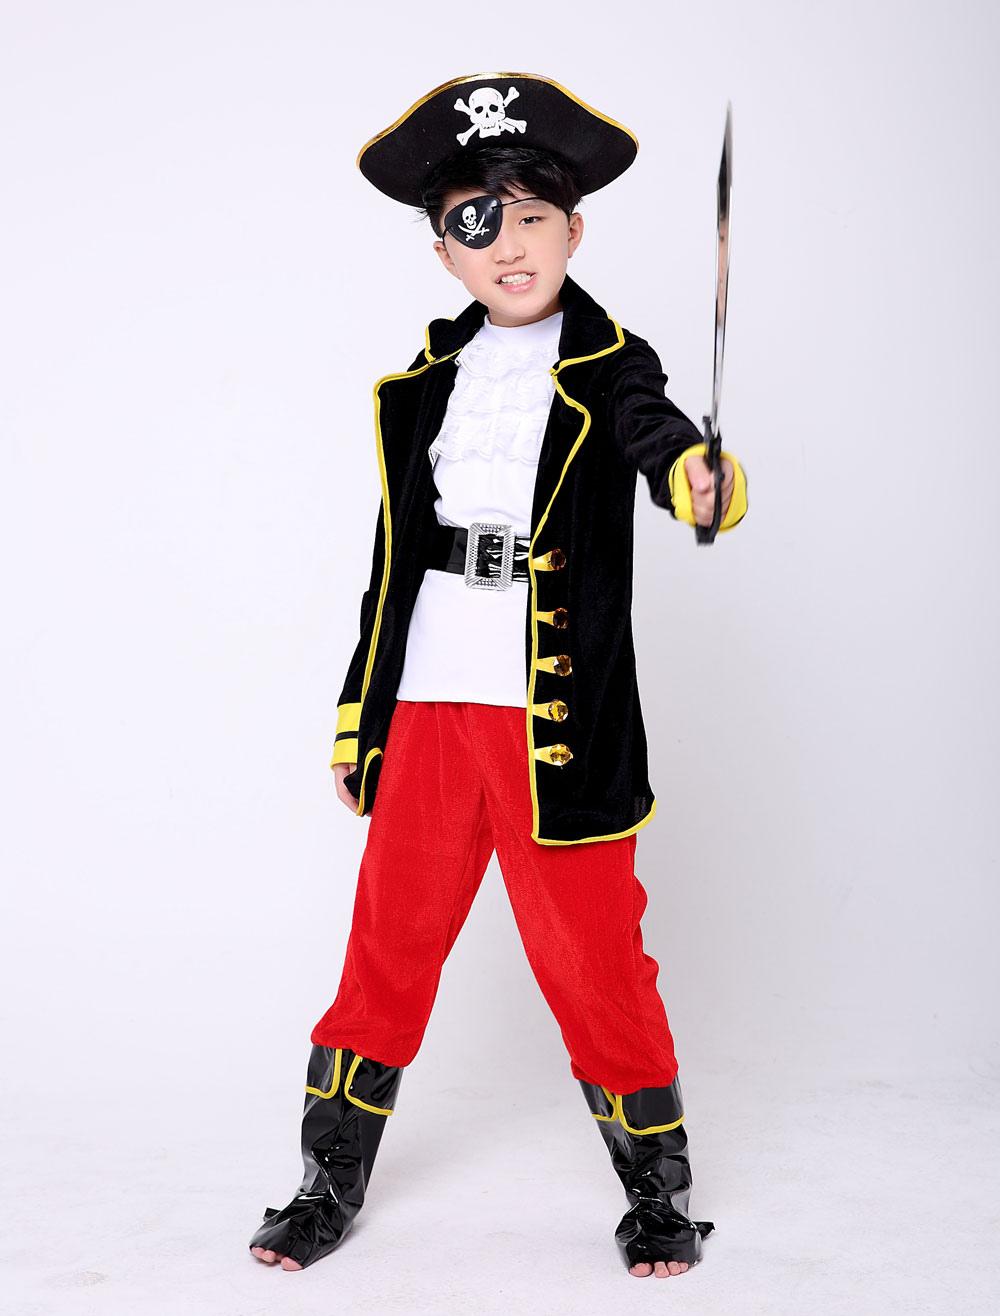 b943130c6 Disfraz de pirata para niños Disfraz de disfraz para niños negros de  Halloween